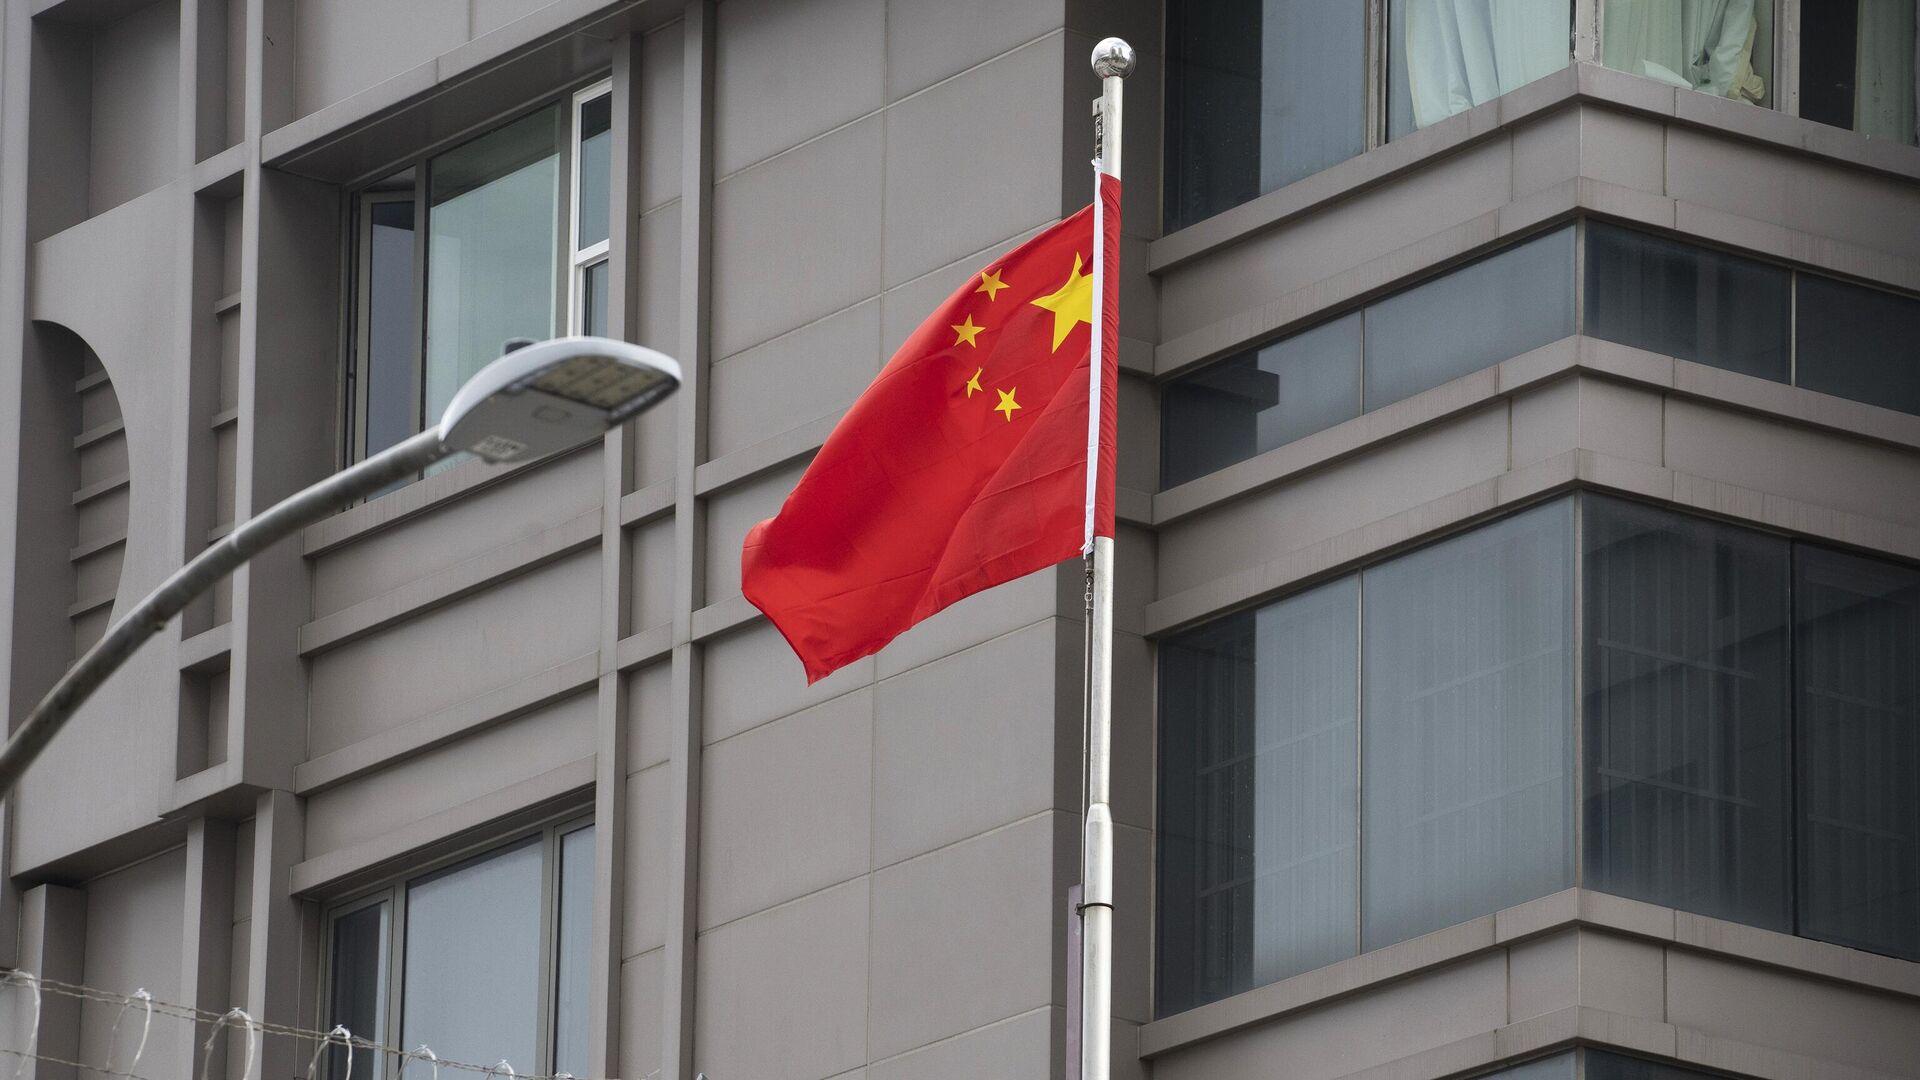 Генеральное консульство КНР в Хьюстоне - РИА Новости, 1920, 03.03.2021